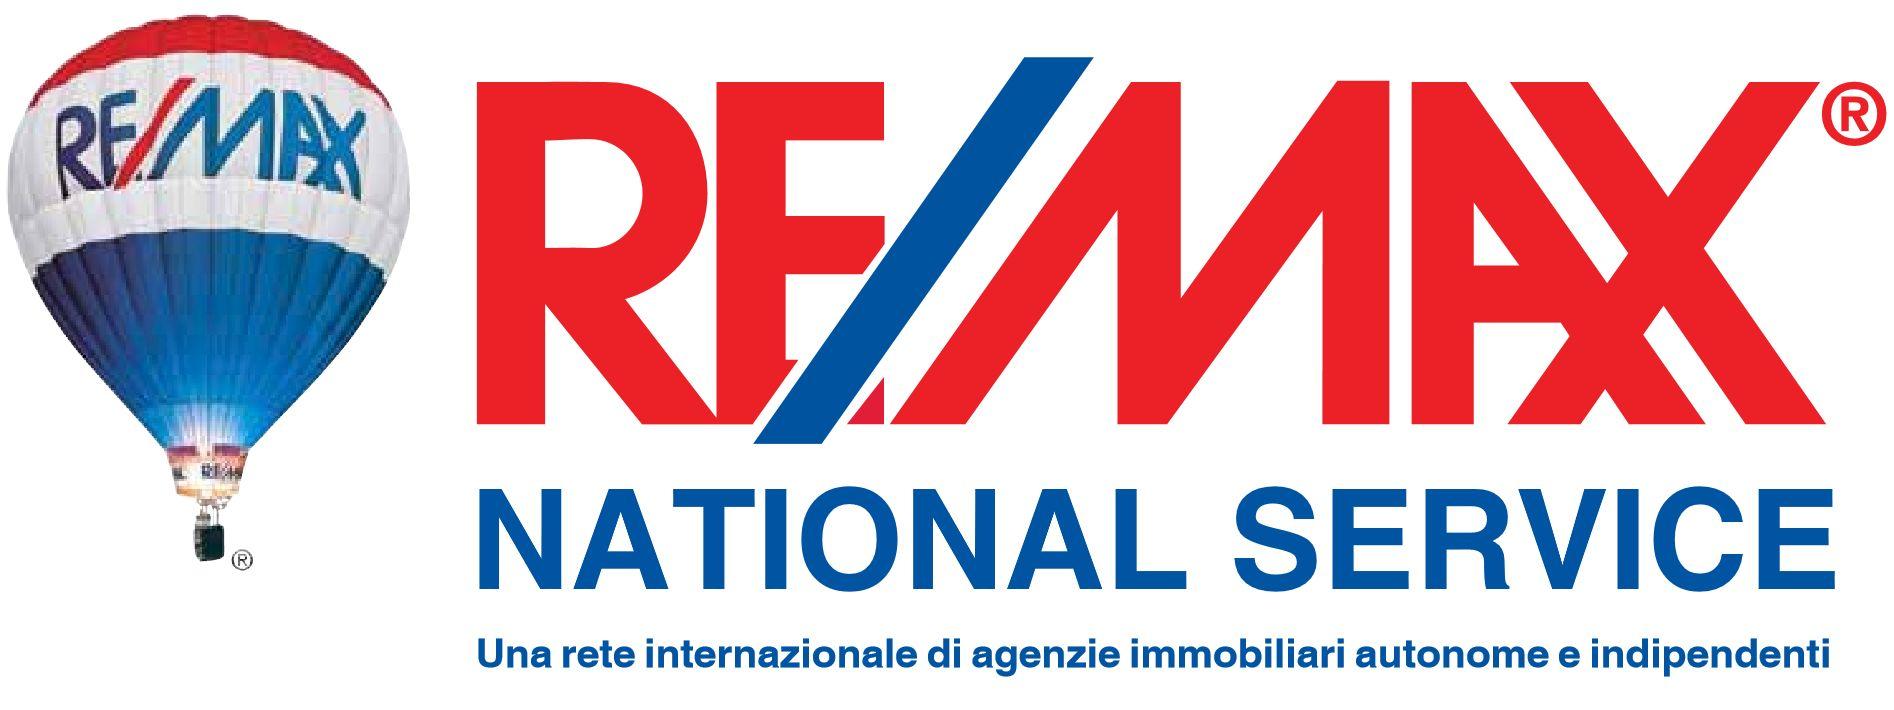 NATIONAL SERVICE servizi immobiliari